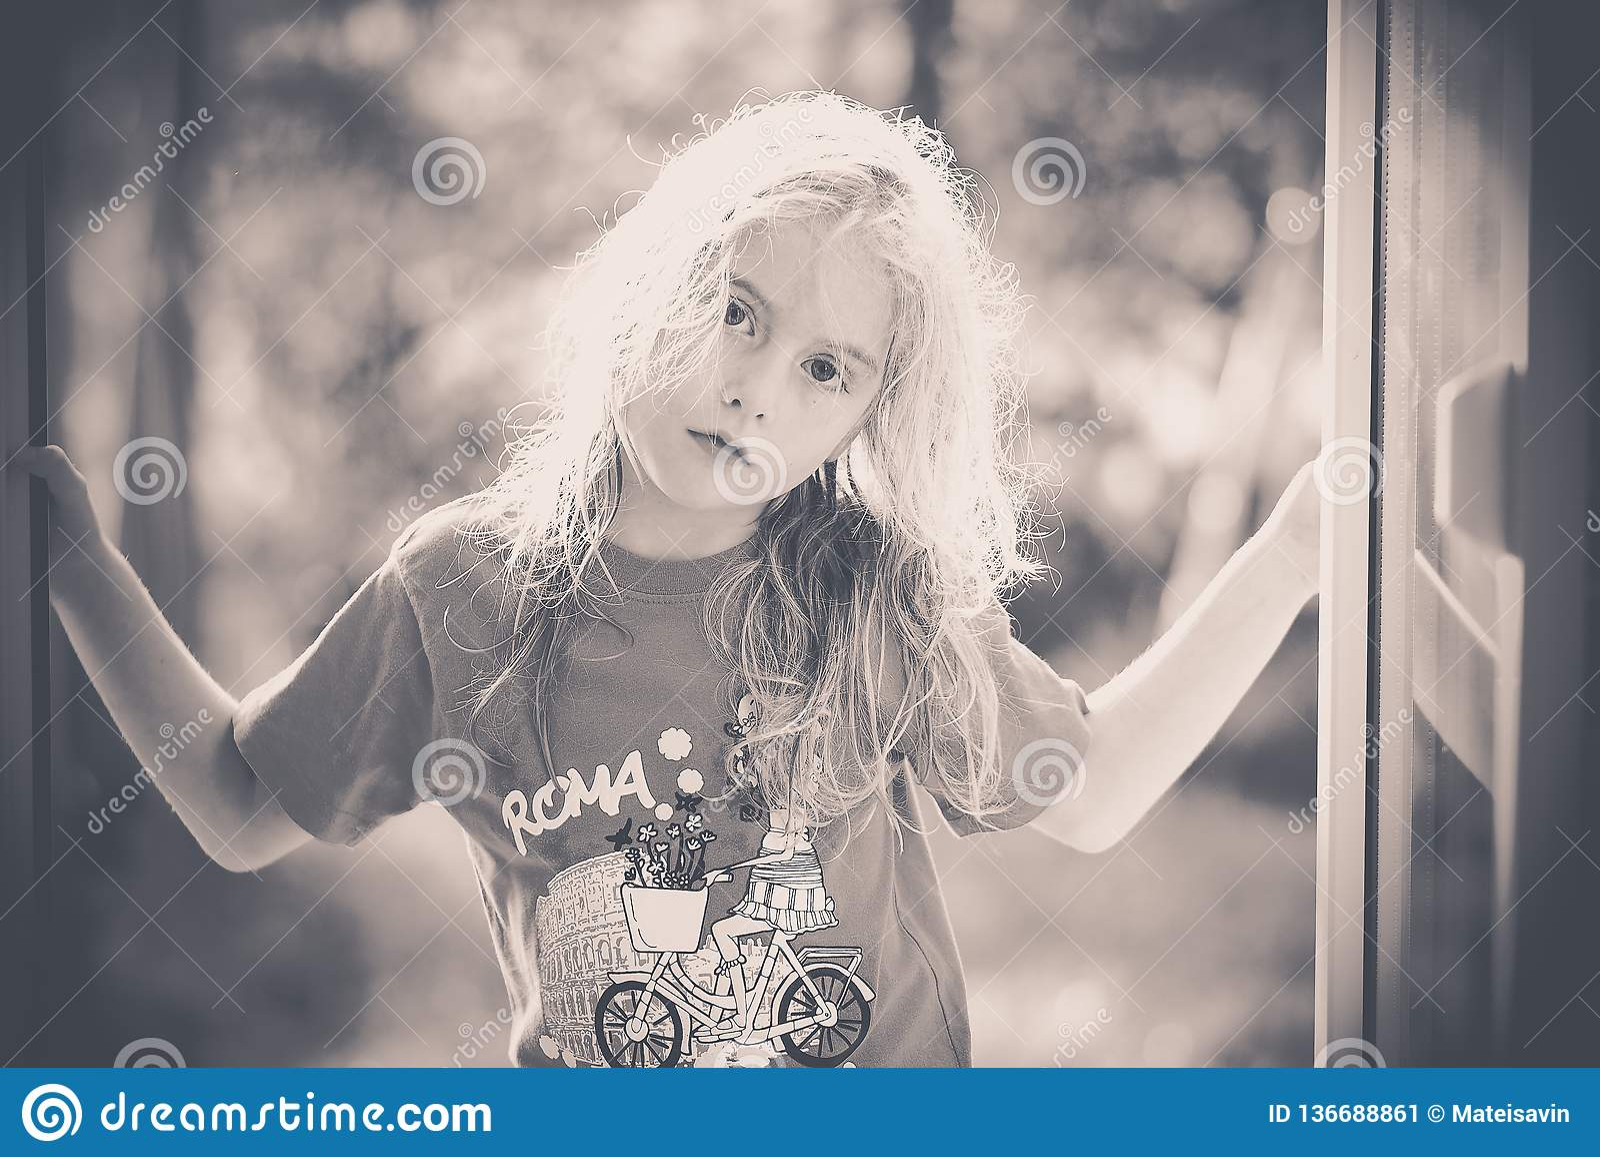 Imagem preto e branco de uma menina loura que olha me